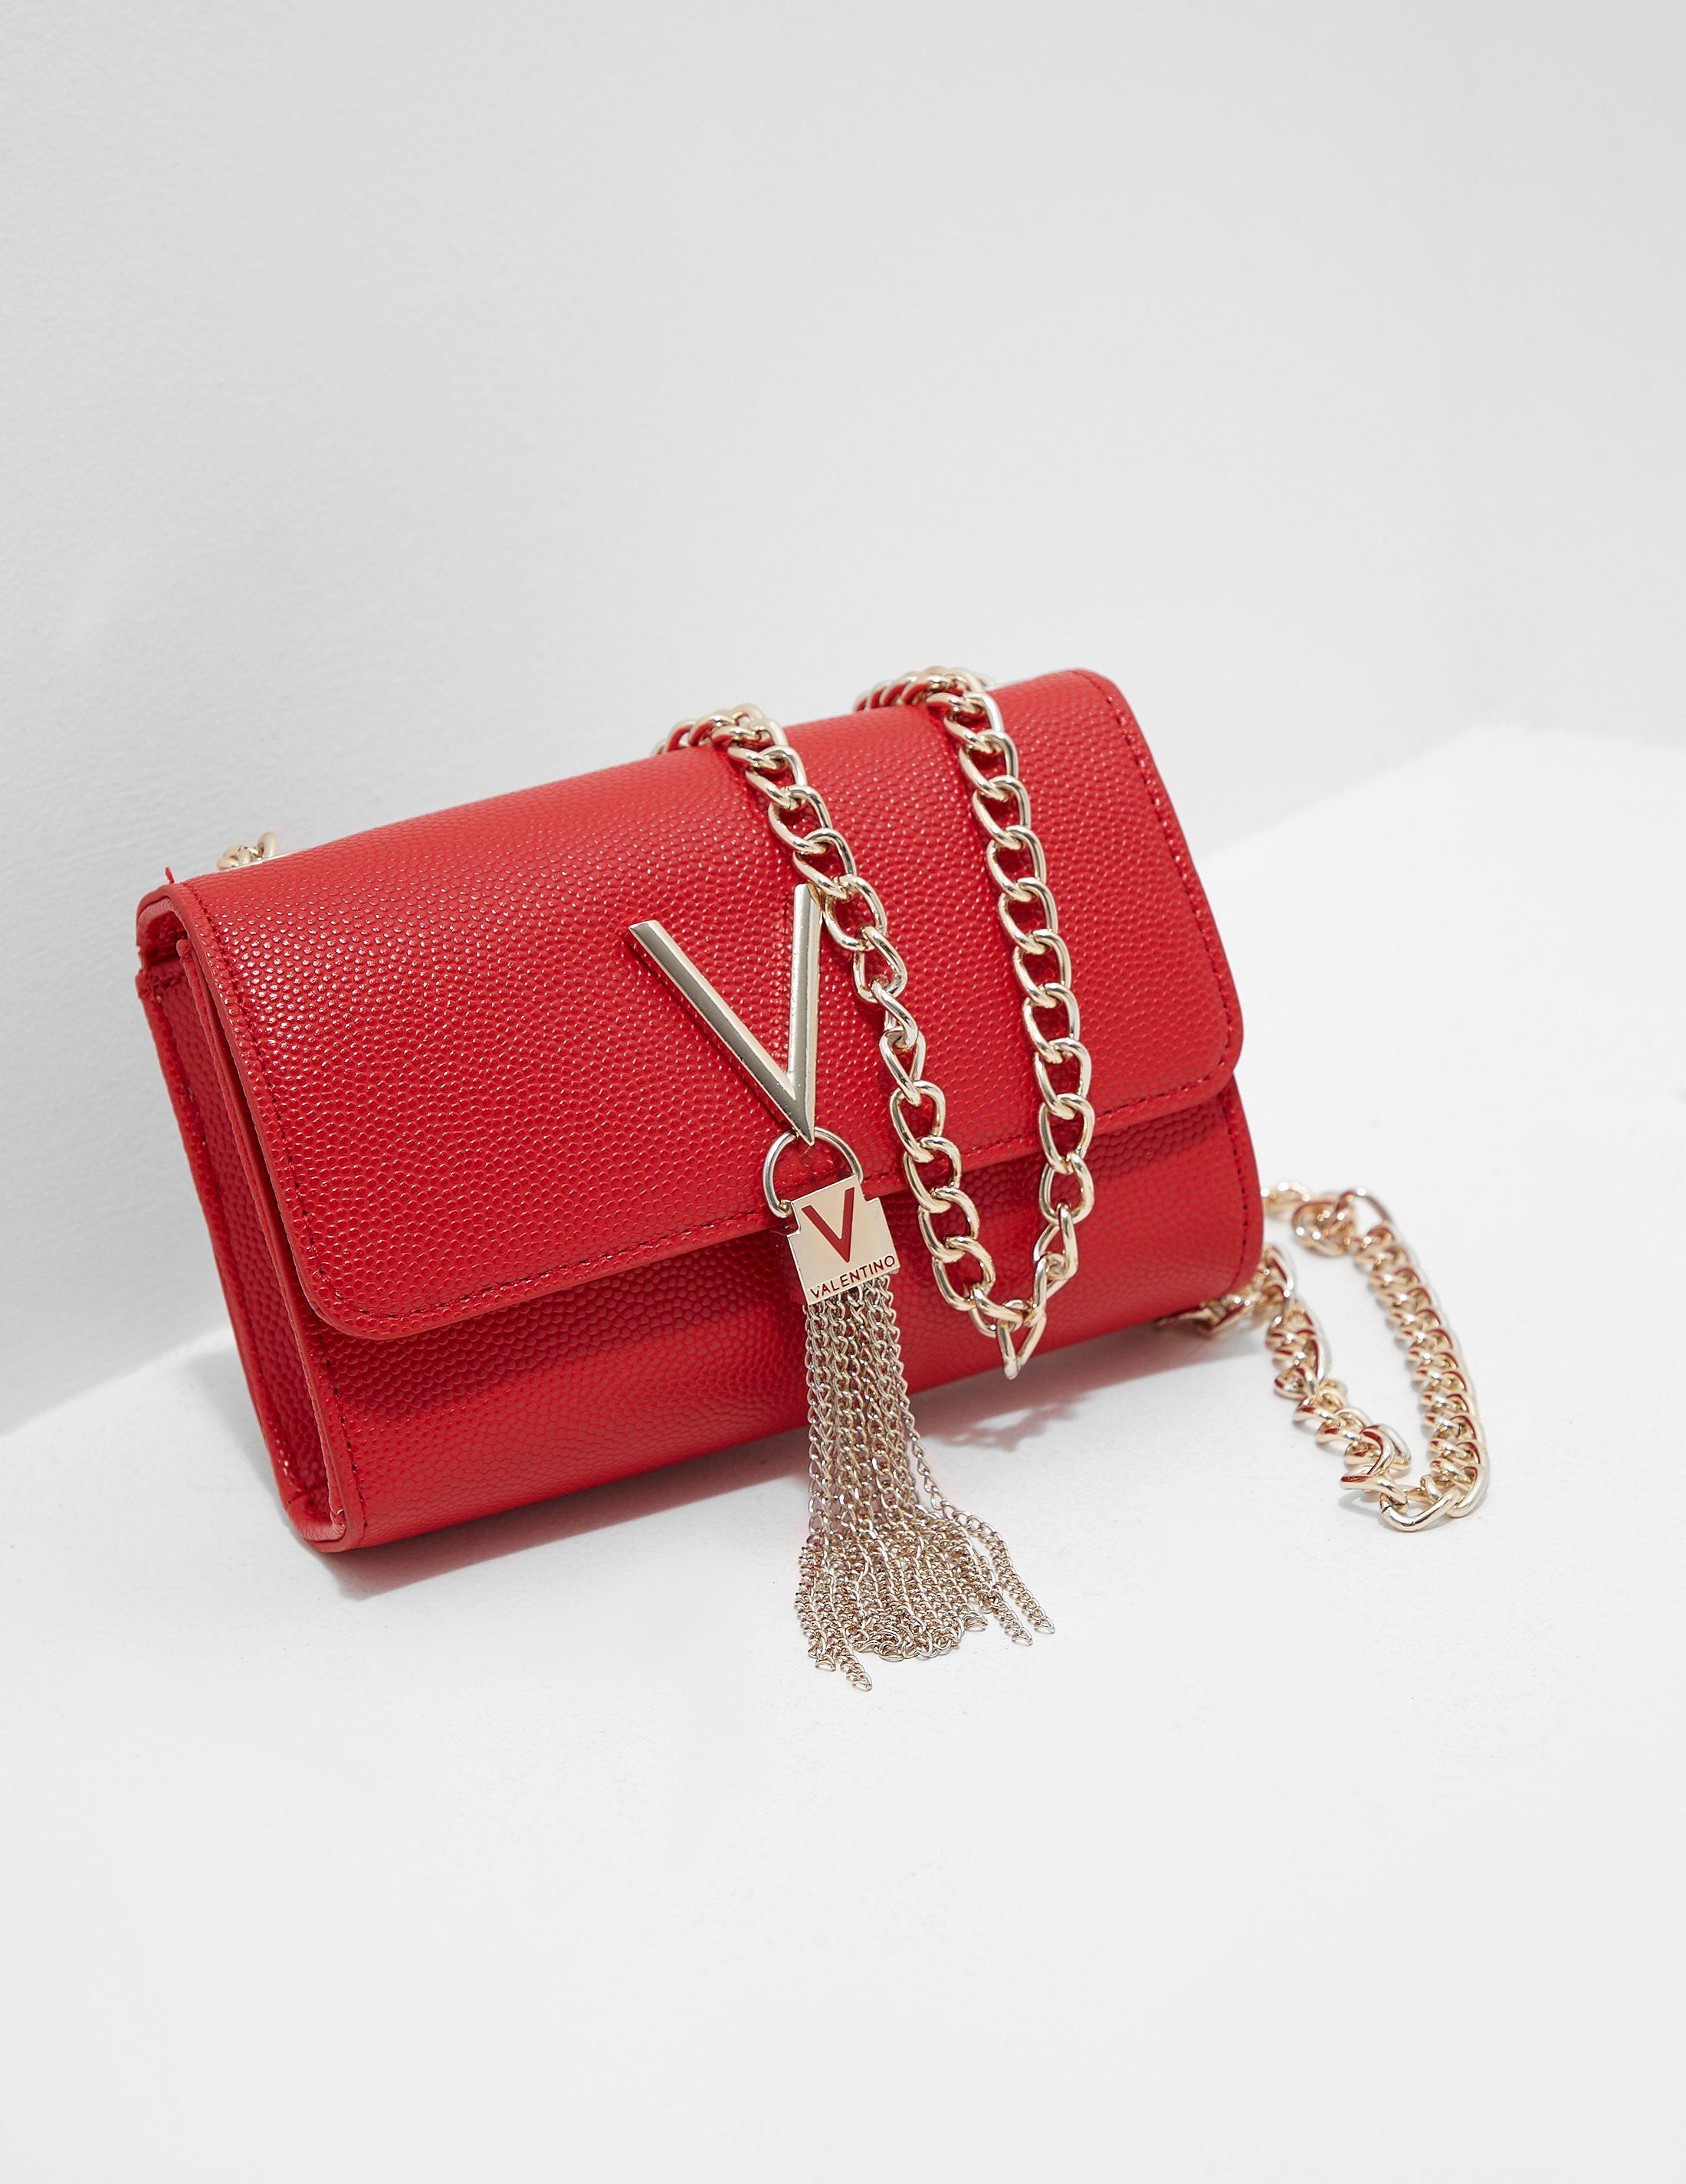 6e210a08f5d55 Valentino By Mario Valentino Divina Camera Bag